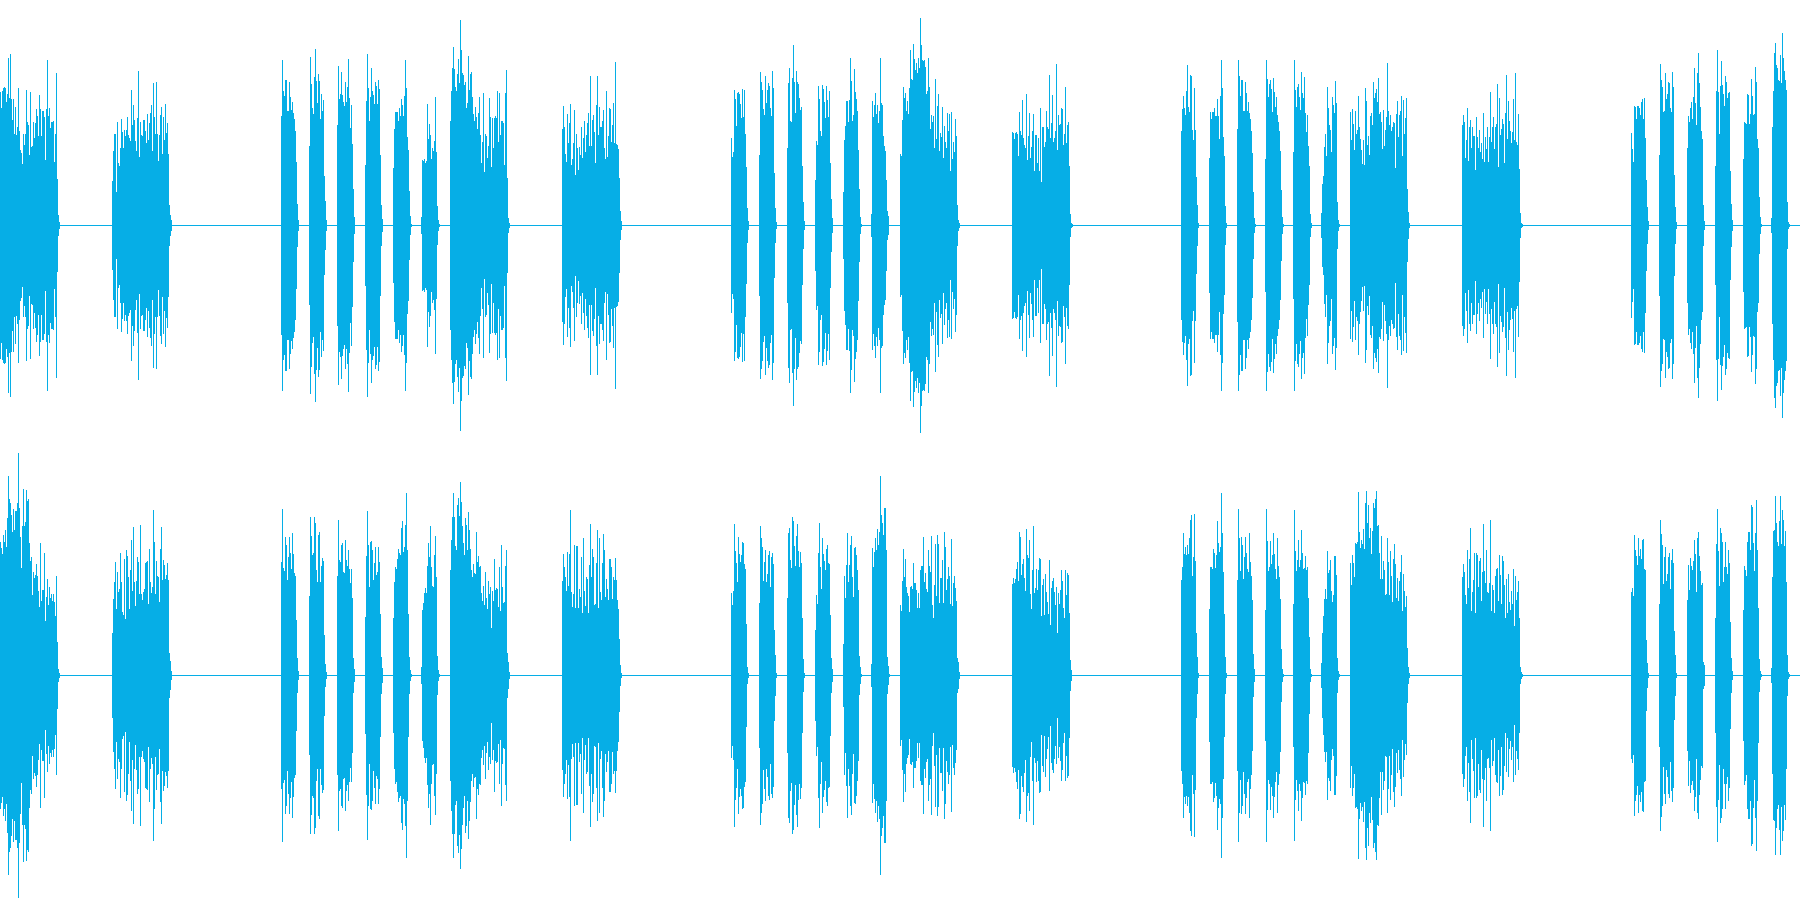 SFX デジタルボイスの不気味なループの再生済みの波形